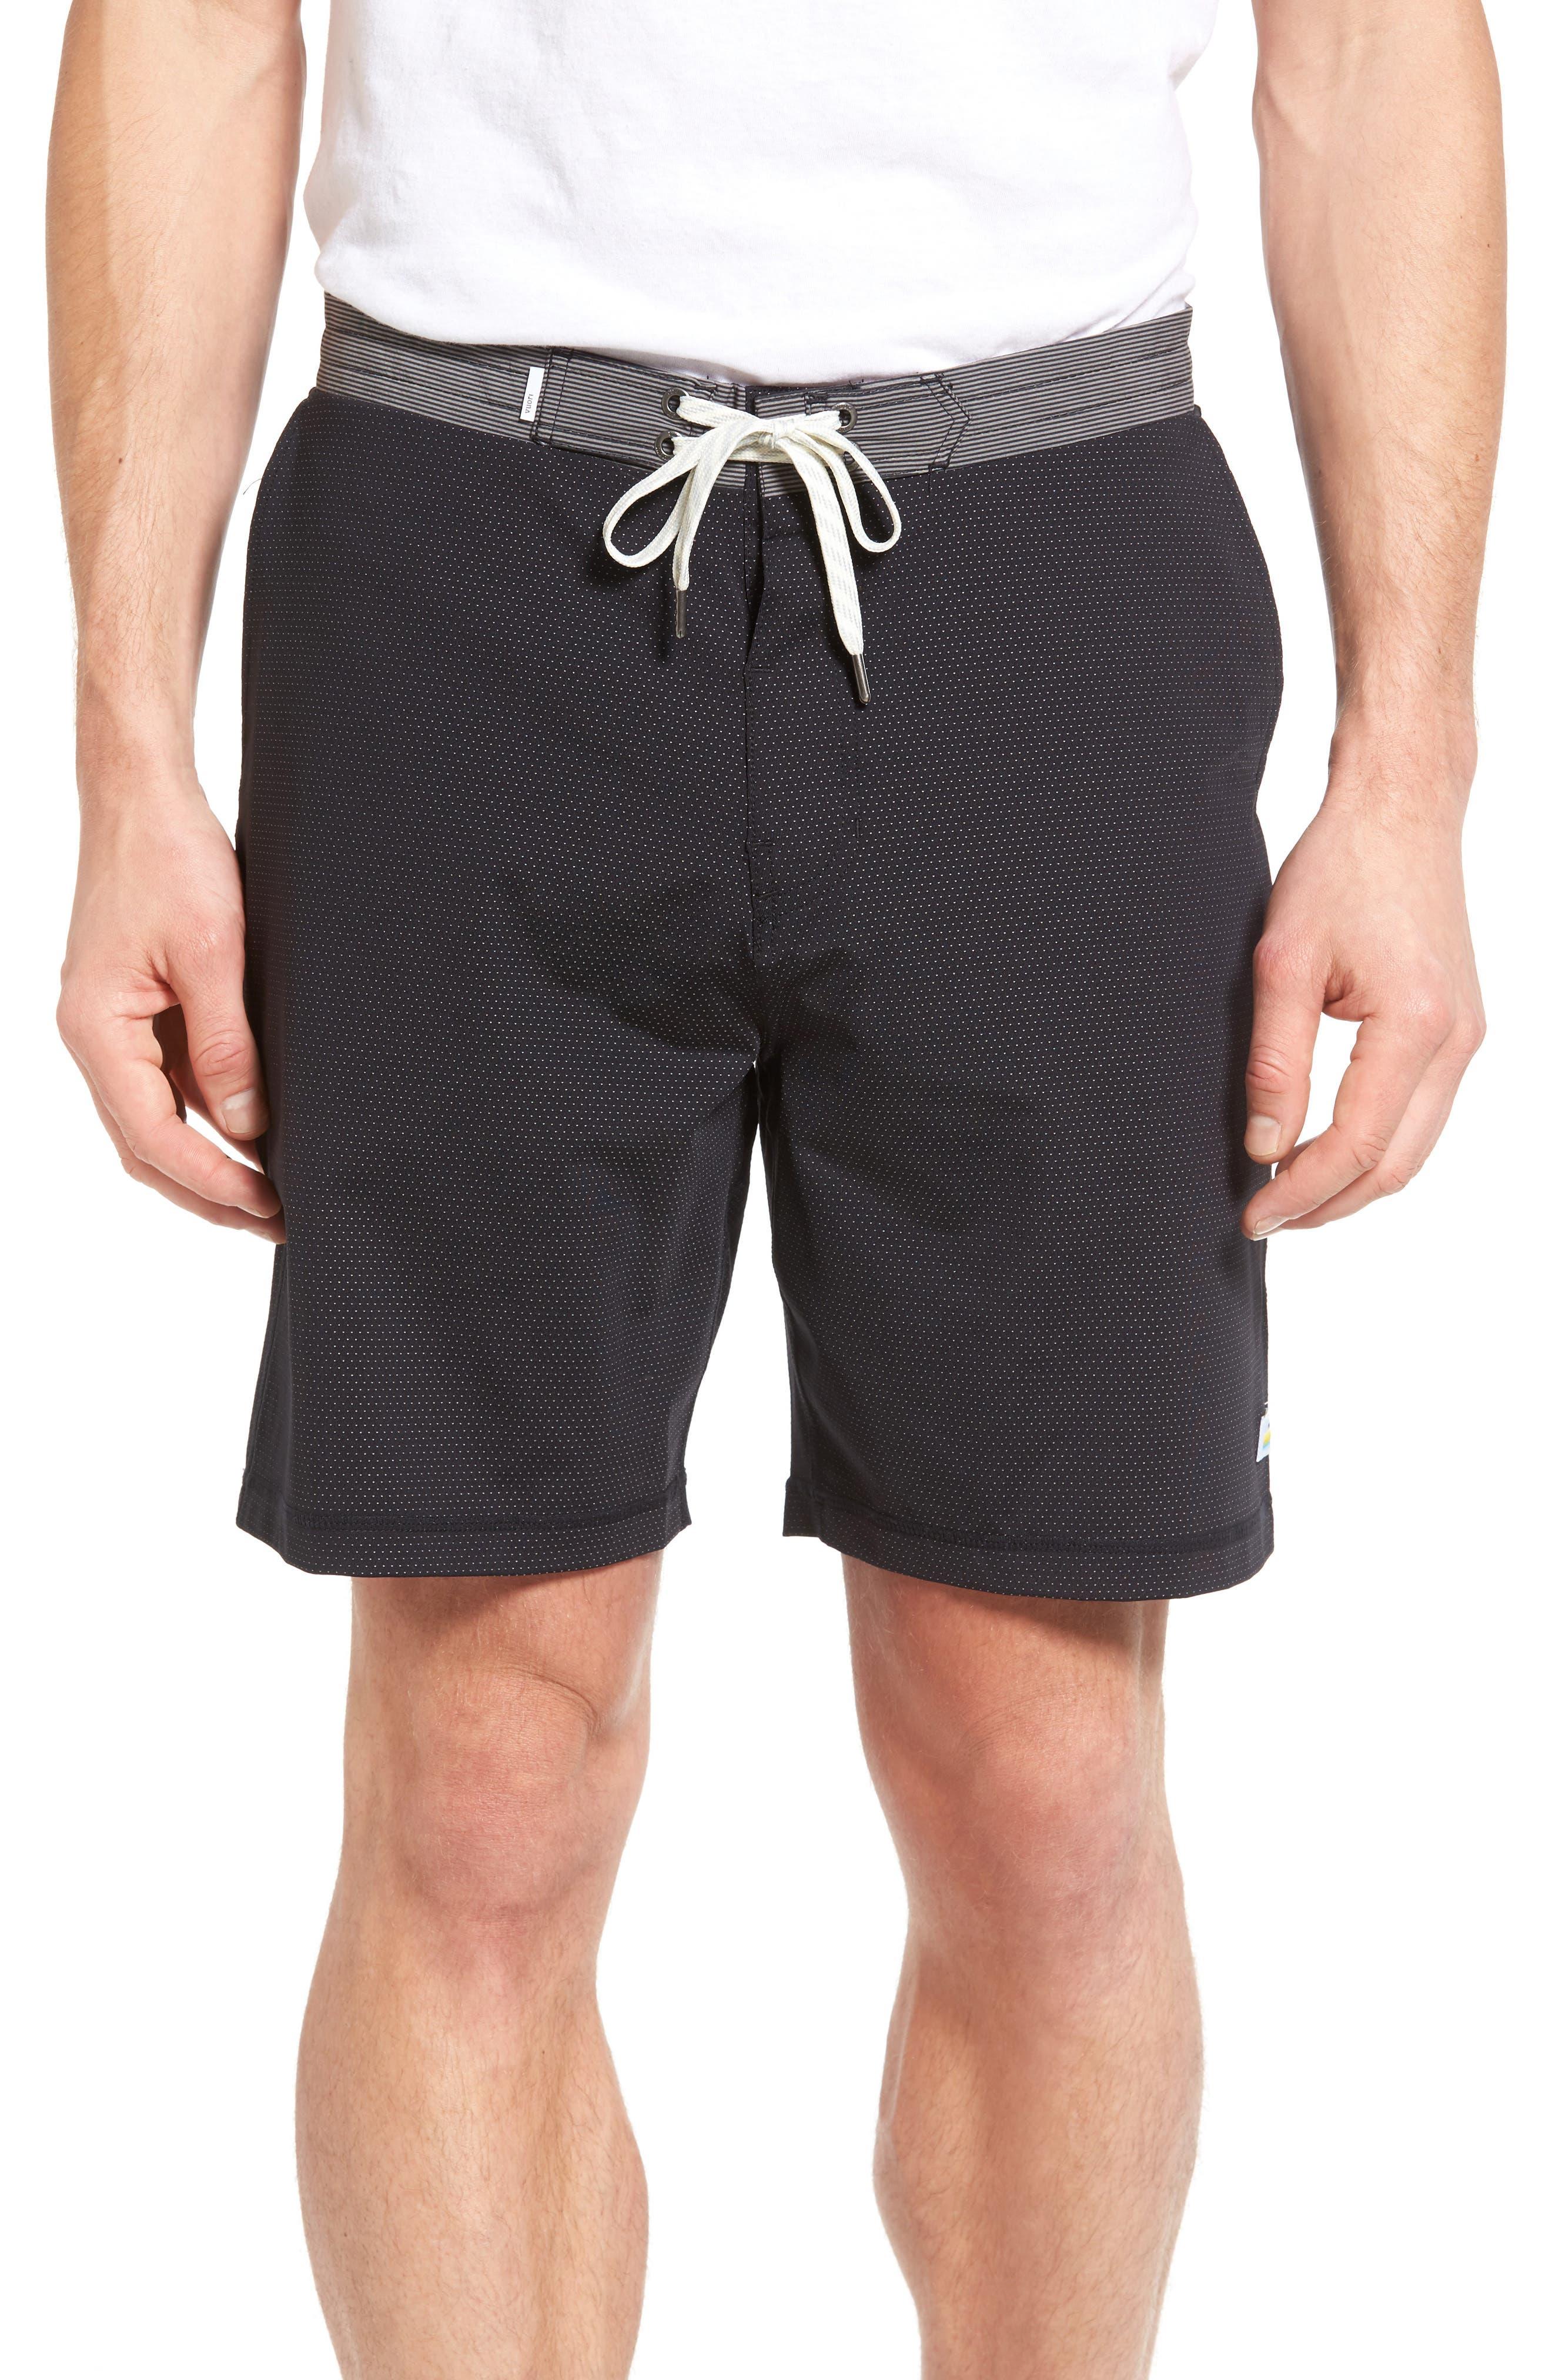 Evolution Shorts,                         Main,                         color, Black